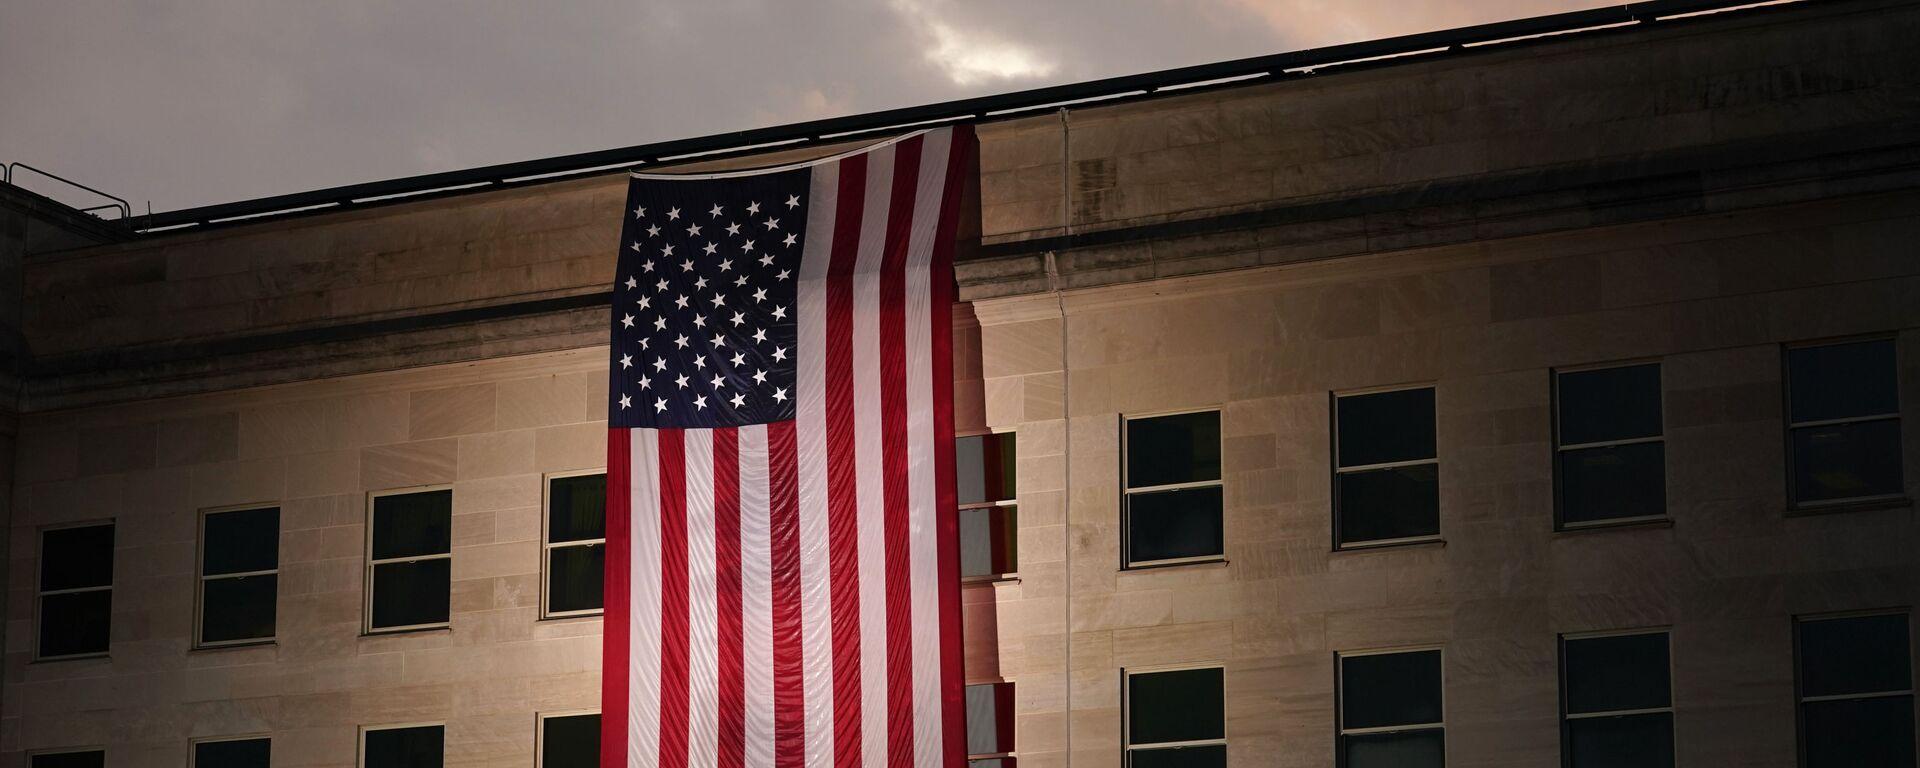 Зграда Пентагона са америчком заставом - Sputnik Србија, 1920, 28.09.2021